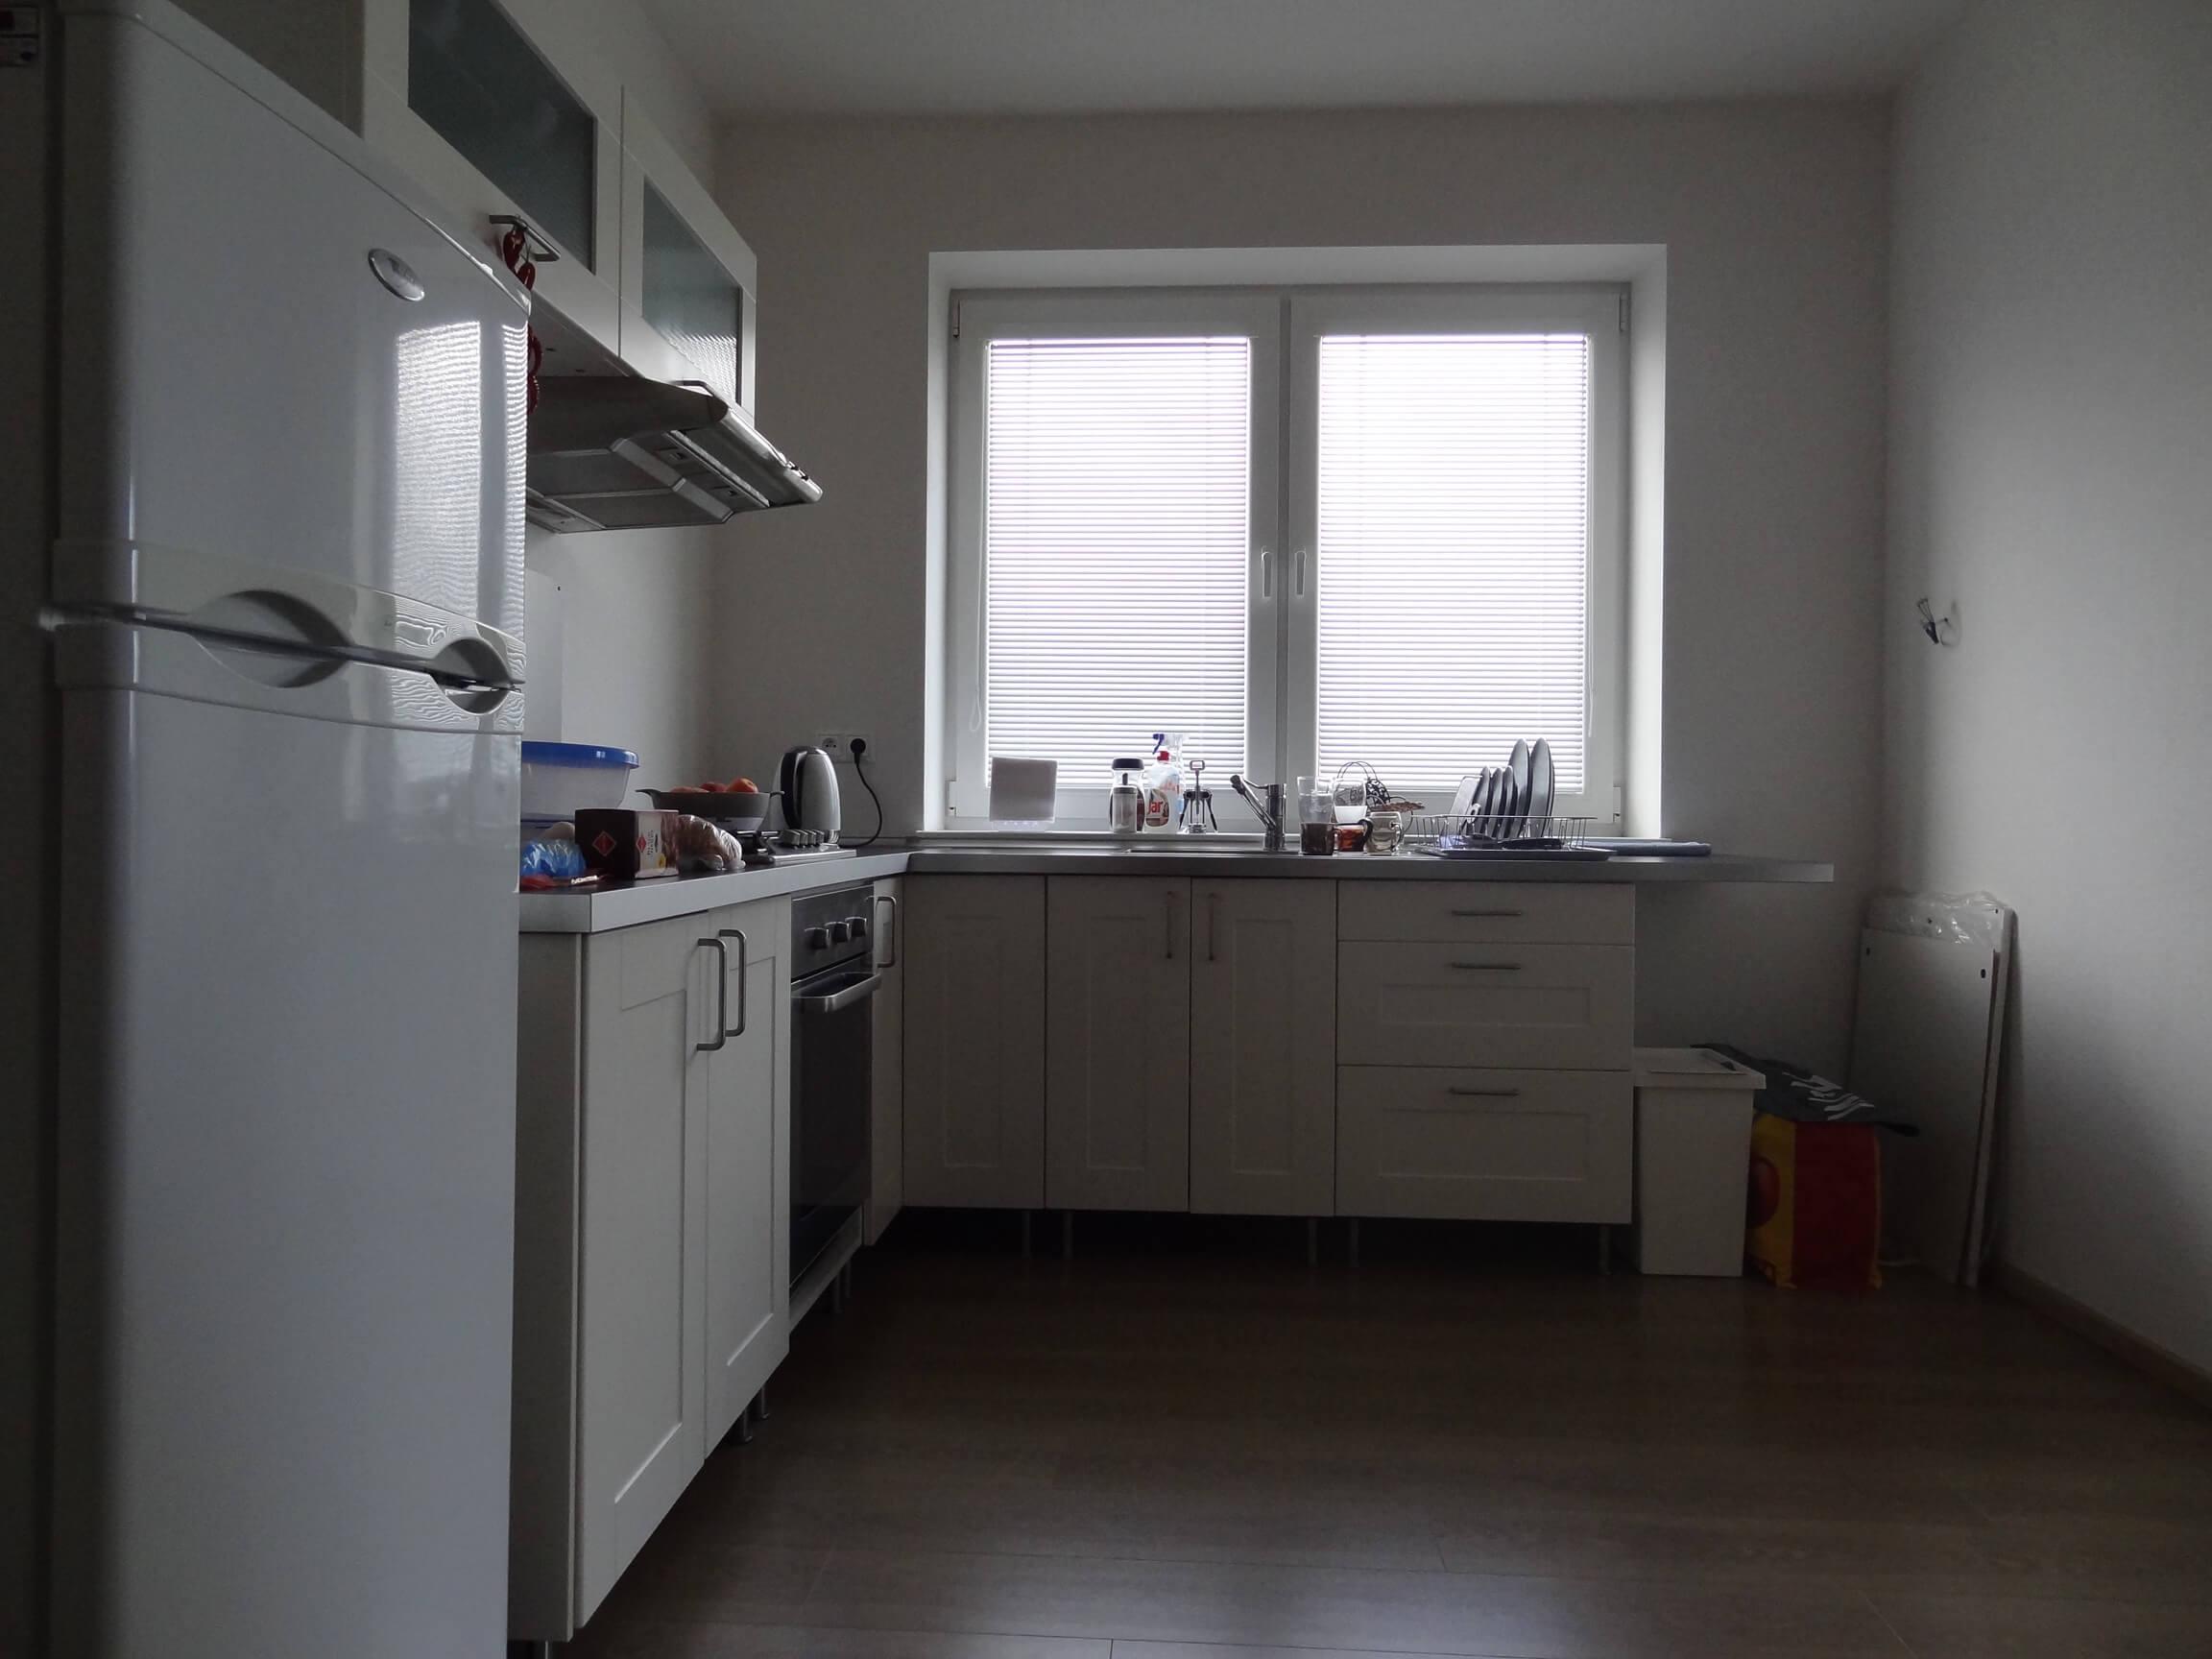 Predaný: Exkluzívne na predaj 3 Izbový byt v novostavbe, 87,2m2, loggia 7,4m2, Družstevná, Hamuliakovo-7